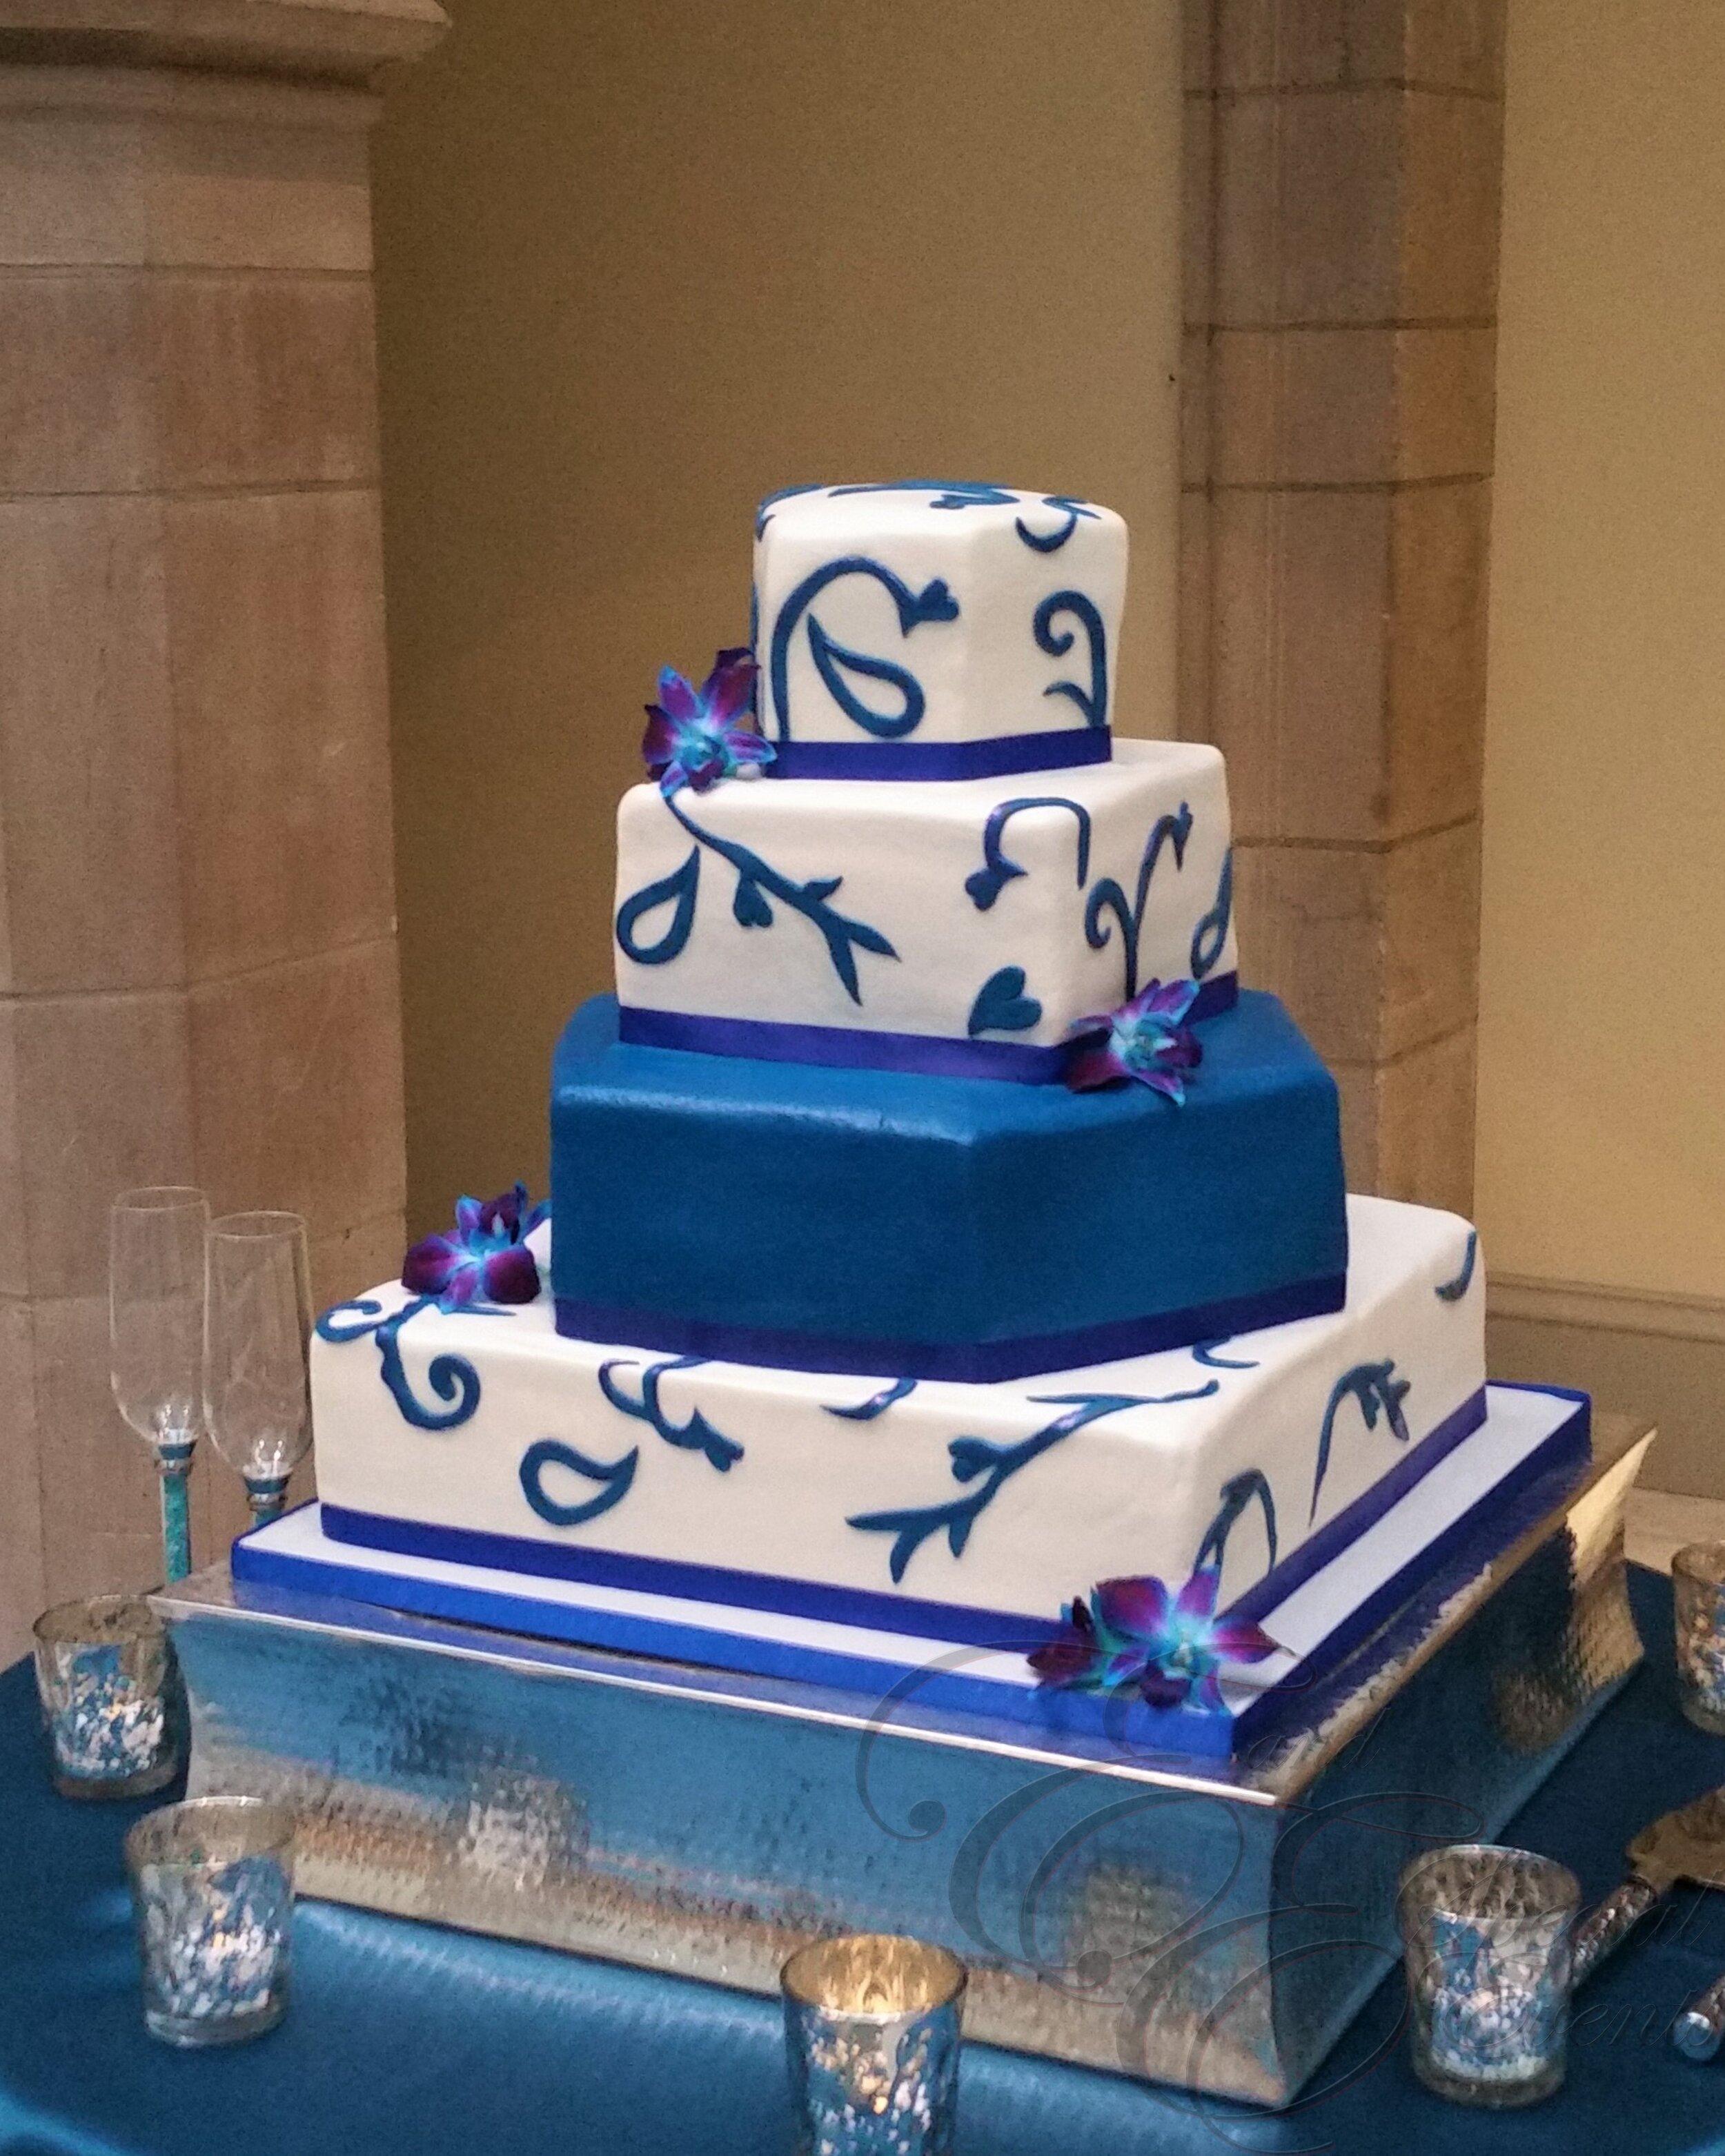 wedding_cakes_E_and_E_Special_Events_virginia_beach_23.jpg